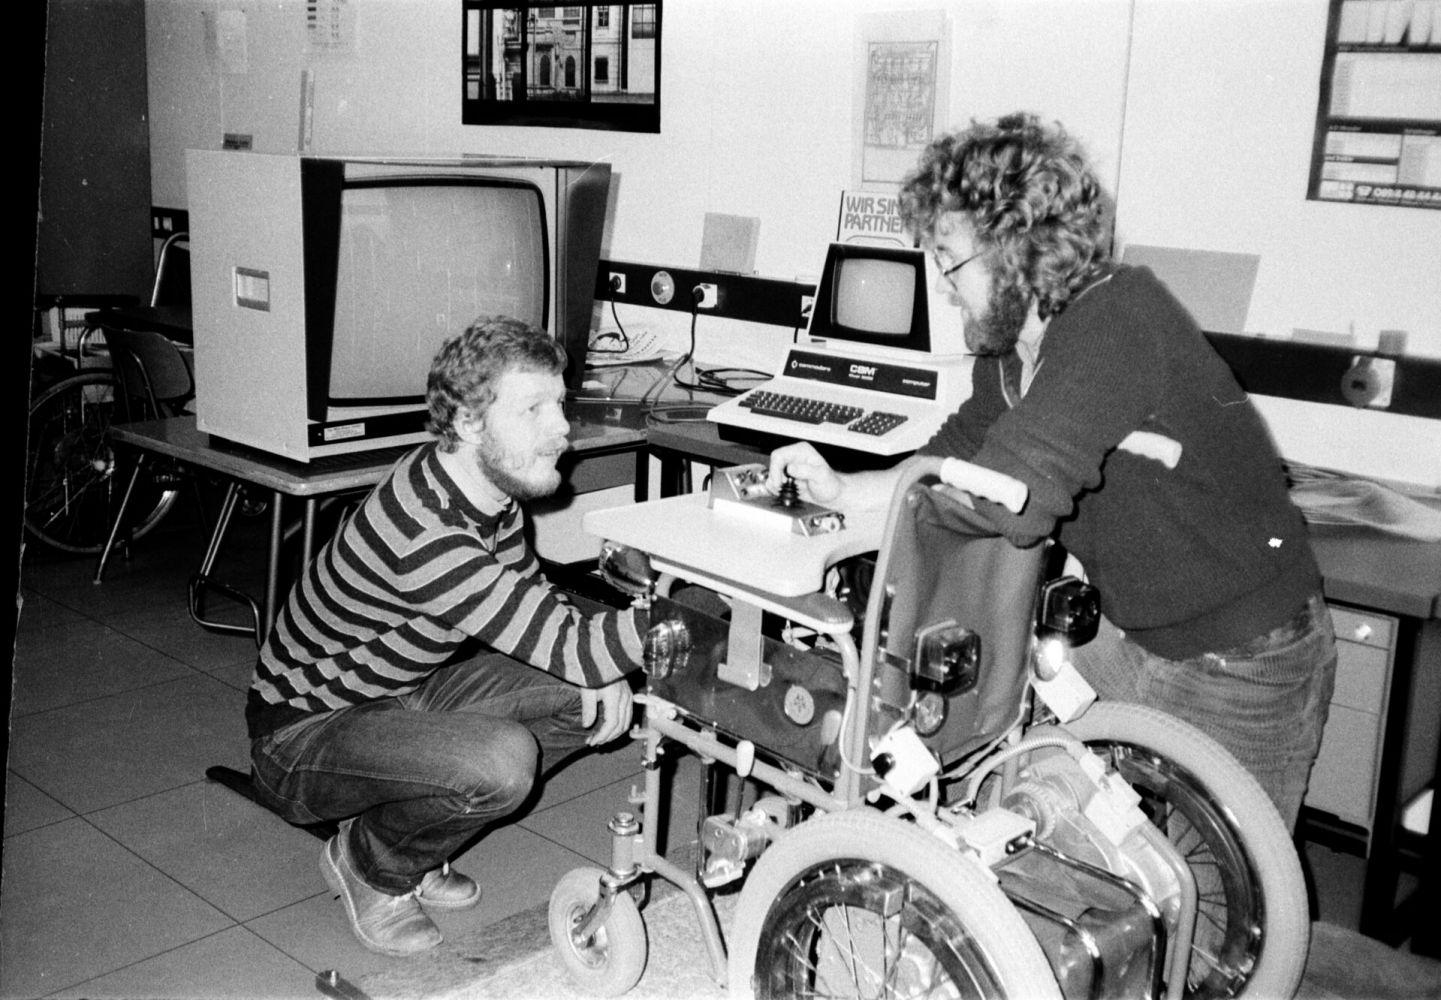 """April 1982: Die Diplomanden des Fachbereichs Elektrotechnik Helmut Holtkamp und Leonhard Jiresch entwickeln ein Rollstuhl-Trainingsgerät für Schwerbehinderte, mit dem man Rollstuhlfahren auf kleinstem Raum lernen kann. """"Damals mussten Behinderte in einer Turnhalle den Umgang mit dem elektrischen Rollstuhl lernen"""", erinnert sich Helmut Holtkamp. """"Es gab dann die Idee, dass man dafür doch auch einen Simulator entwickeln könnten und das haben wir dann gemacht."""" Das Gestell für den Rollstuhl bekamen die beiden"""